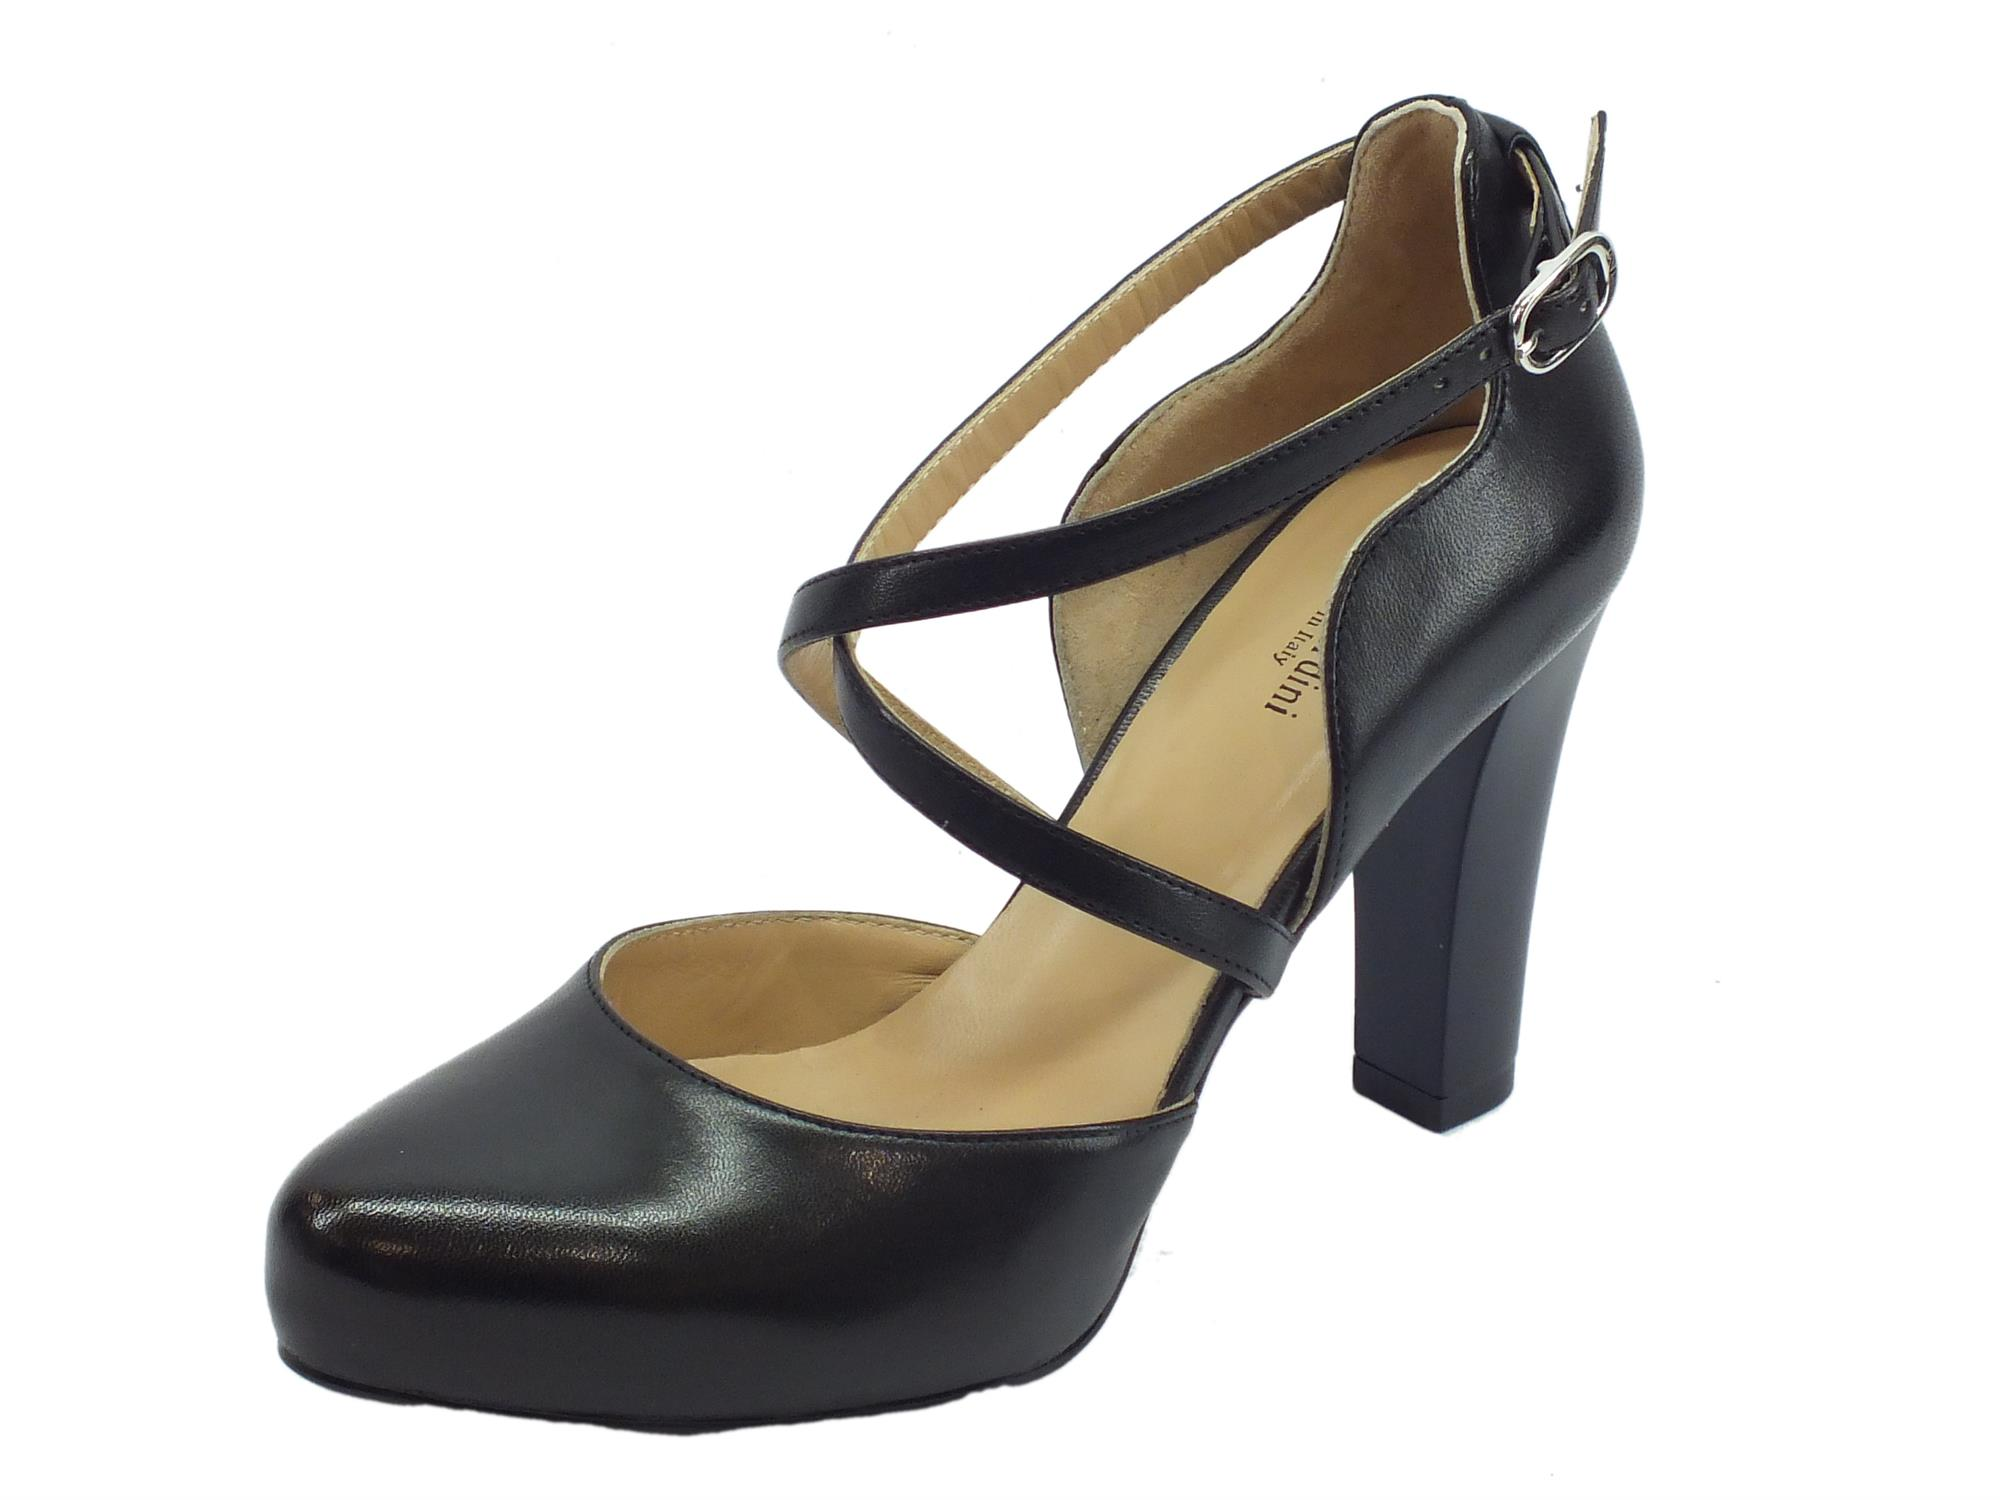 b65531d8c2c7bd Decoltè elegante NeroGiardini per donna in pelle nera tacco alto taglio  ondulato